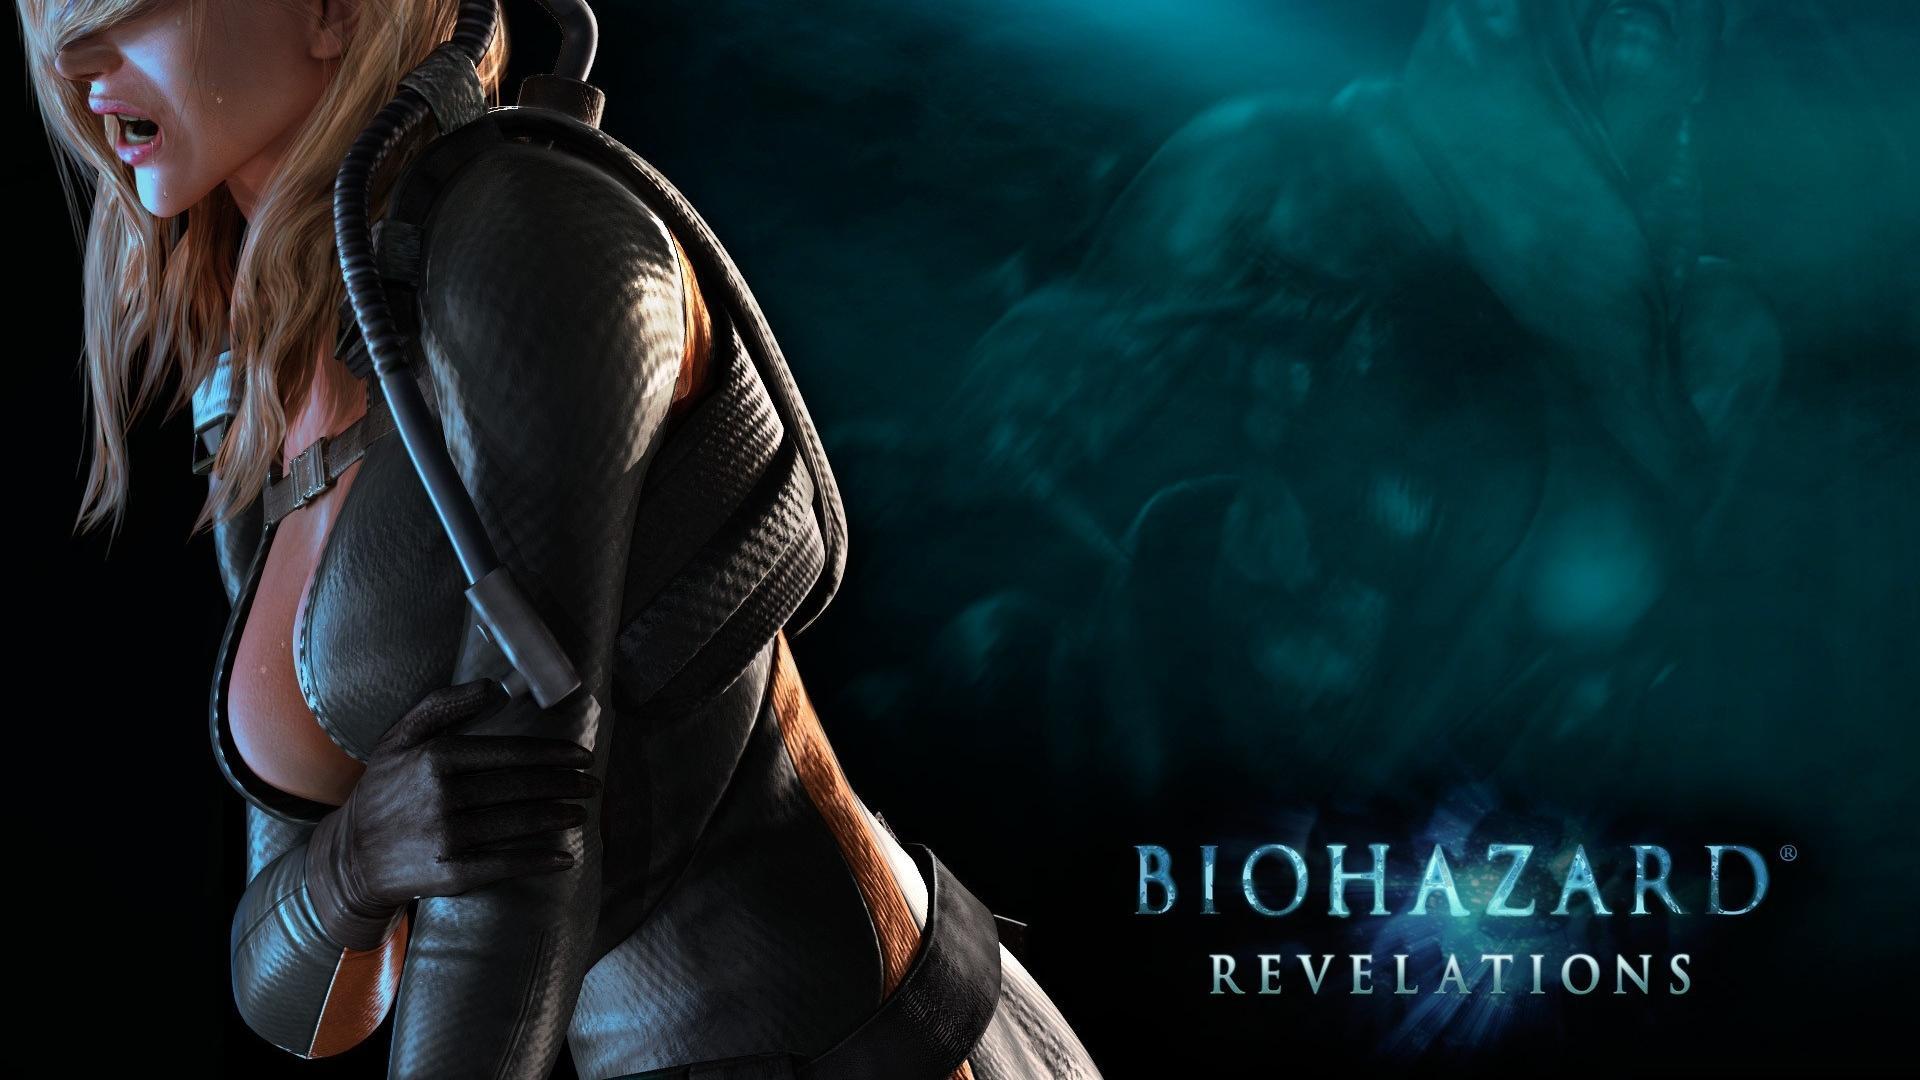 Resident Evil Hd Wallpaper